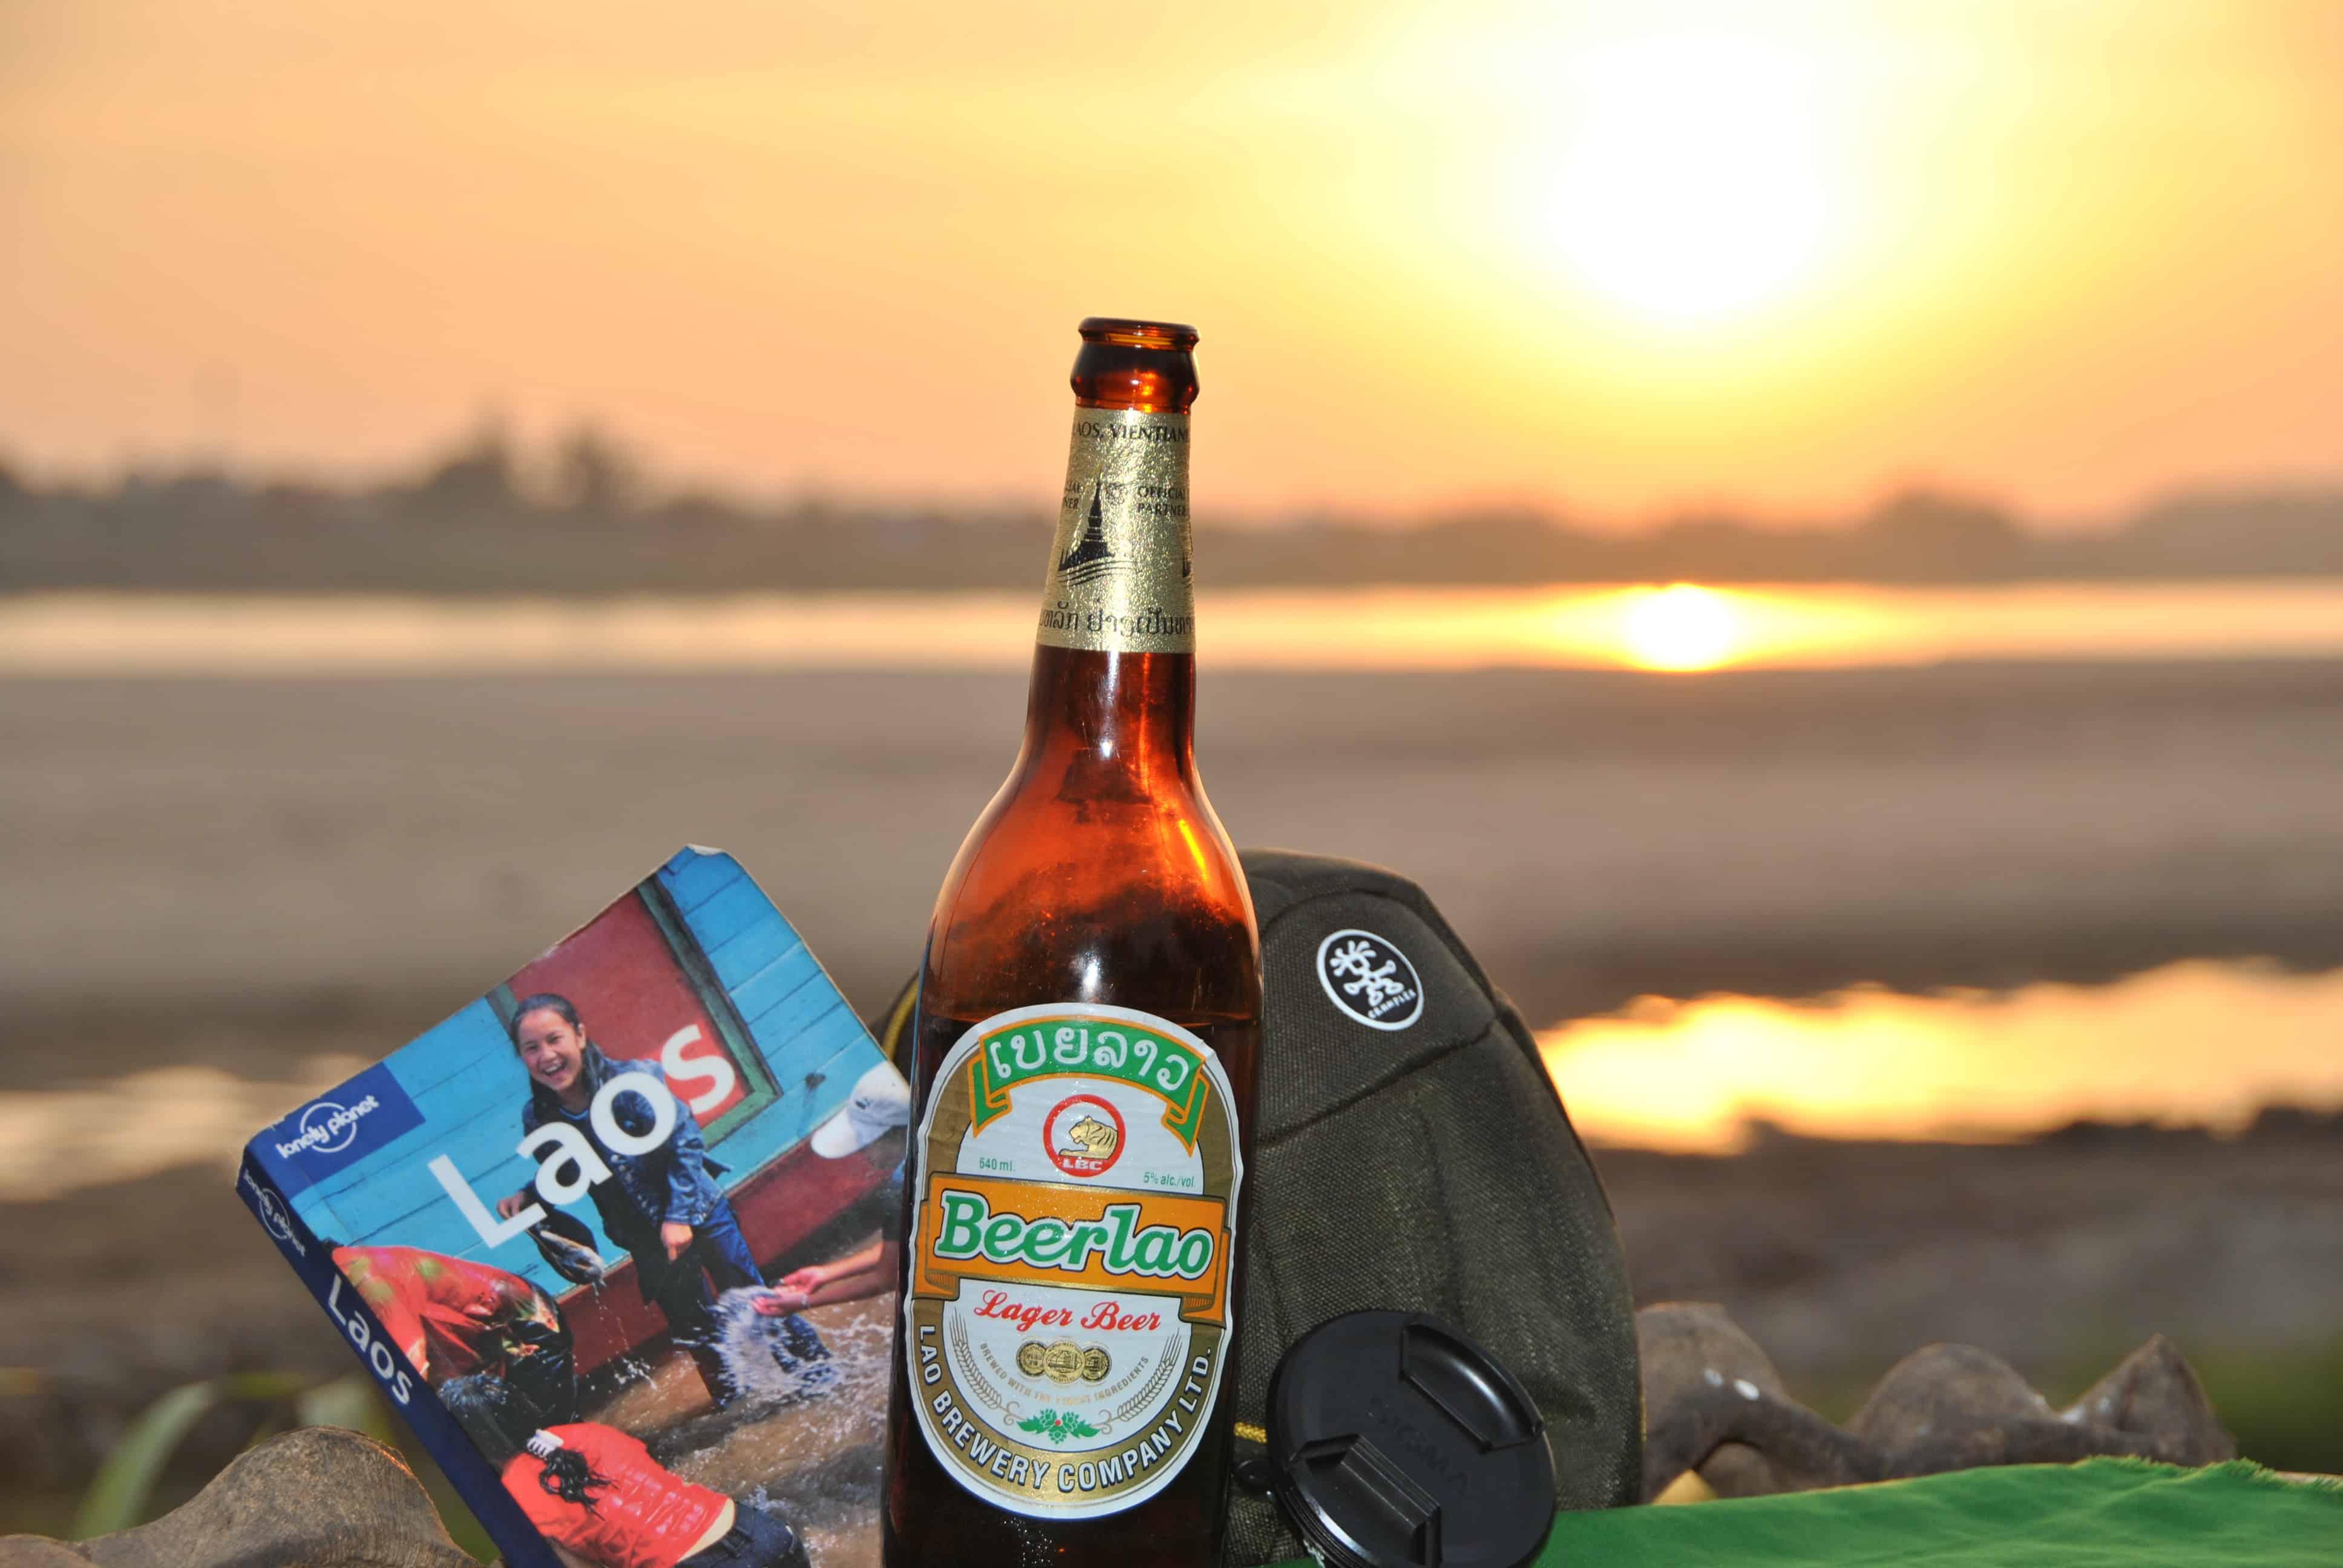 Sonnenuntergang am Ufer des Mekongs in Vientiane